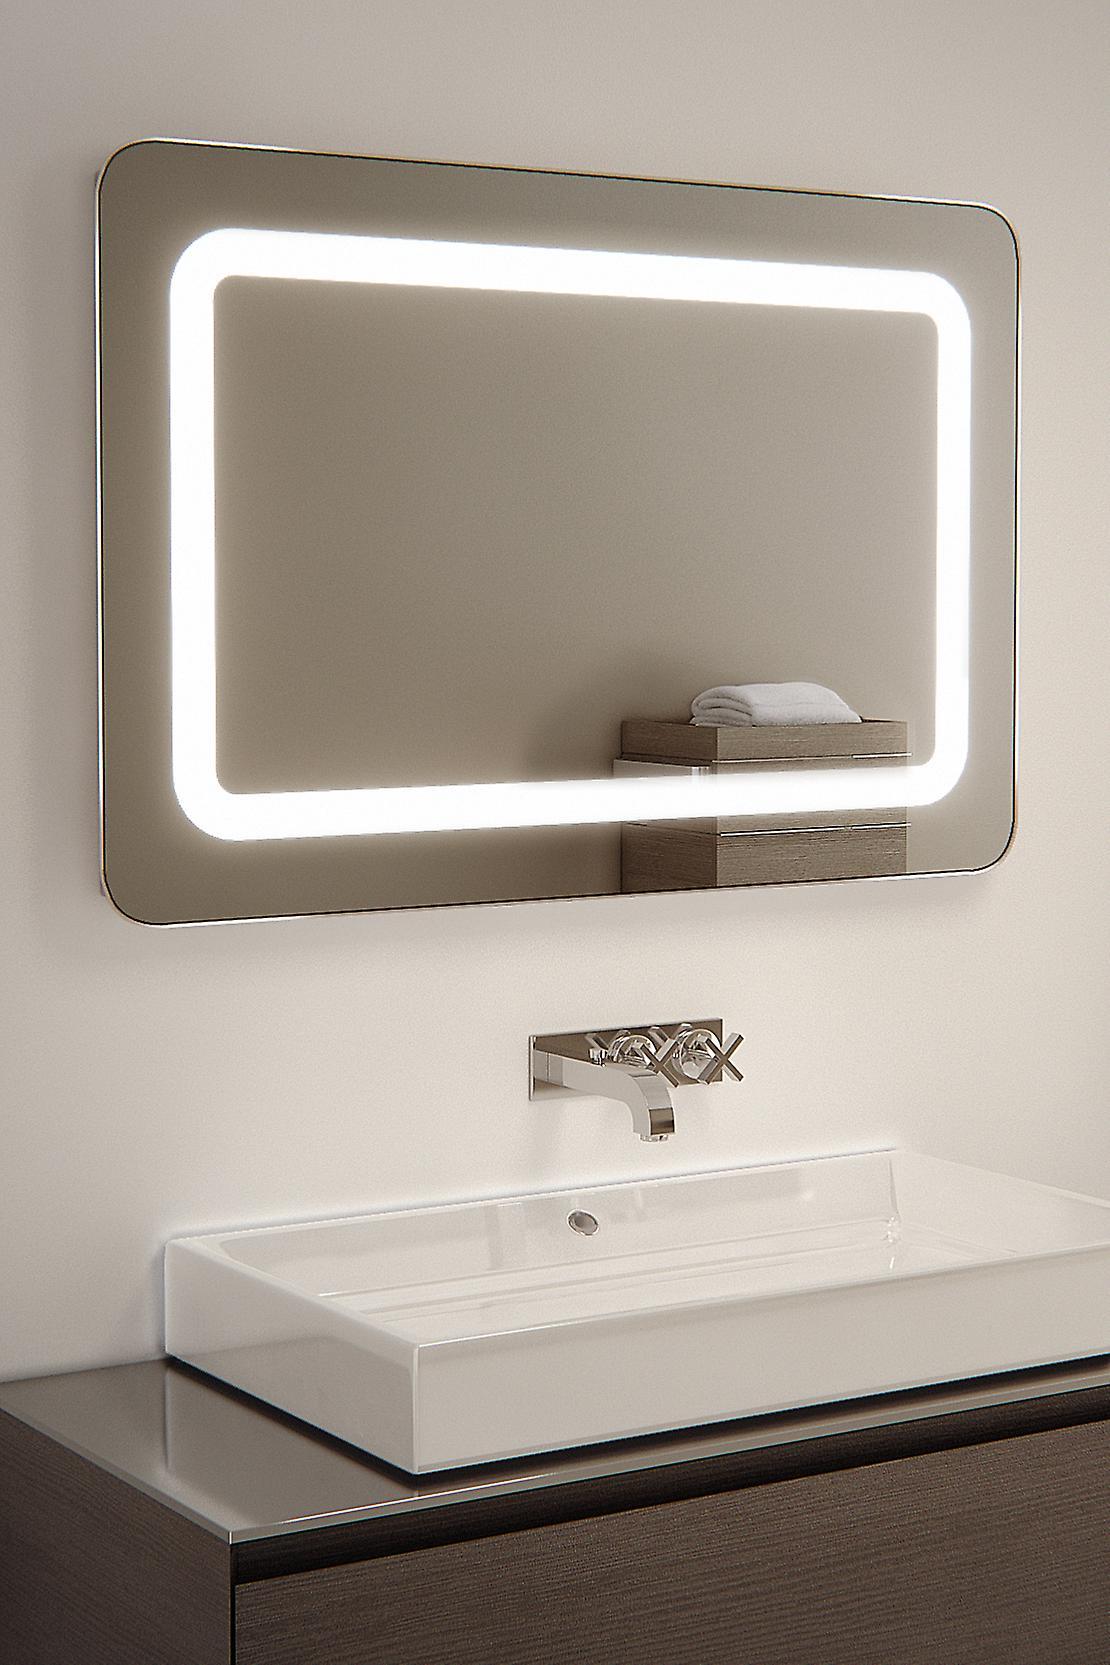 Raja rasoir LED salle de bain miroir avec désembuage Pad & capteur k45i